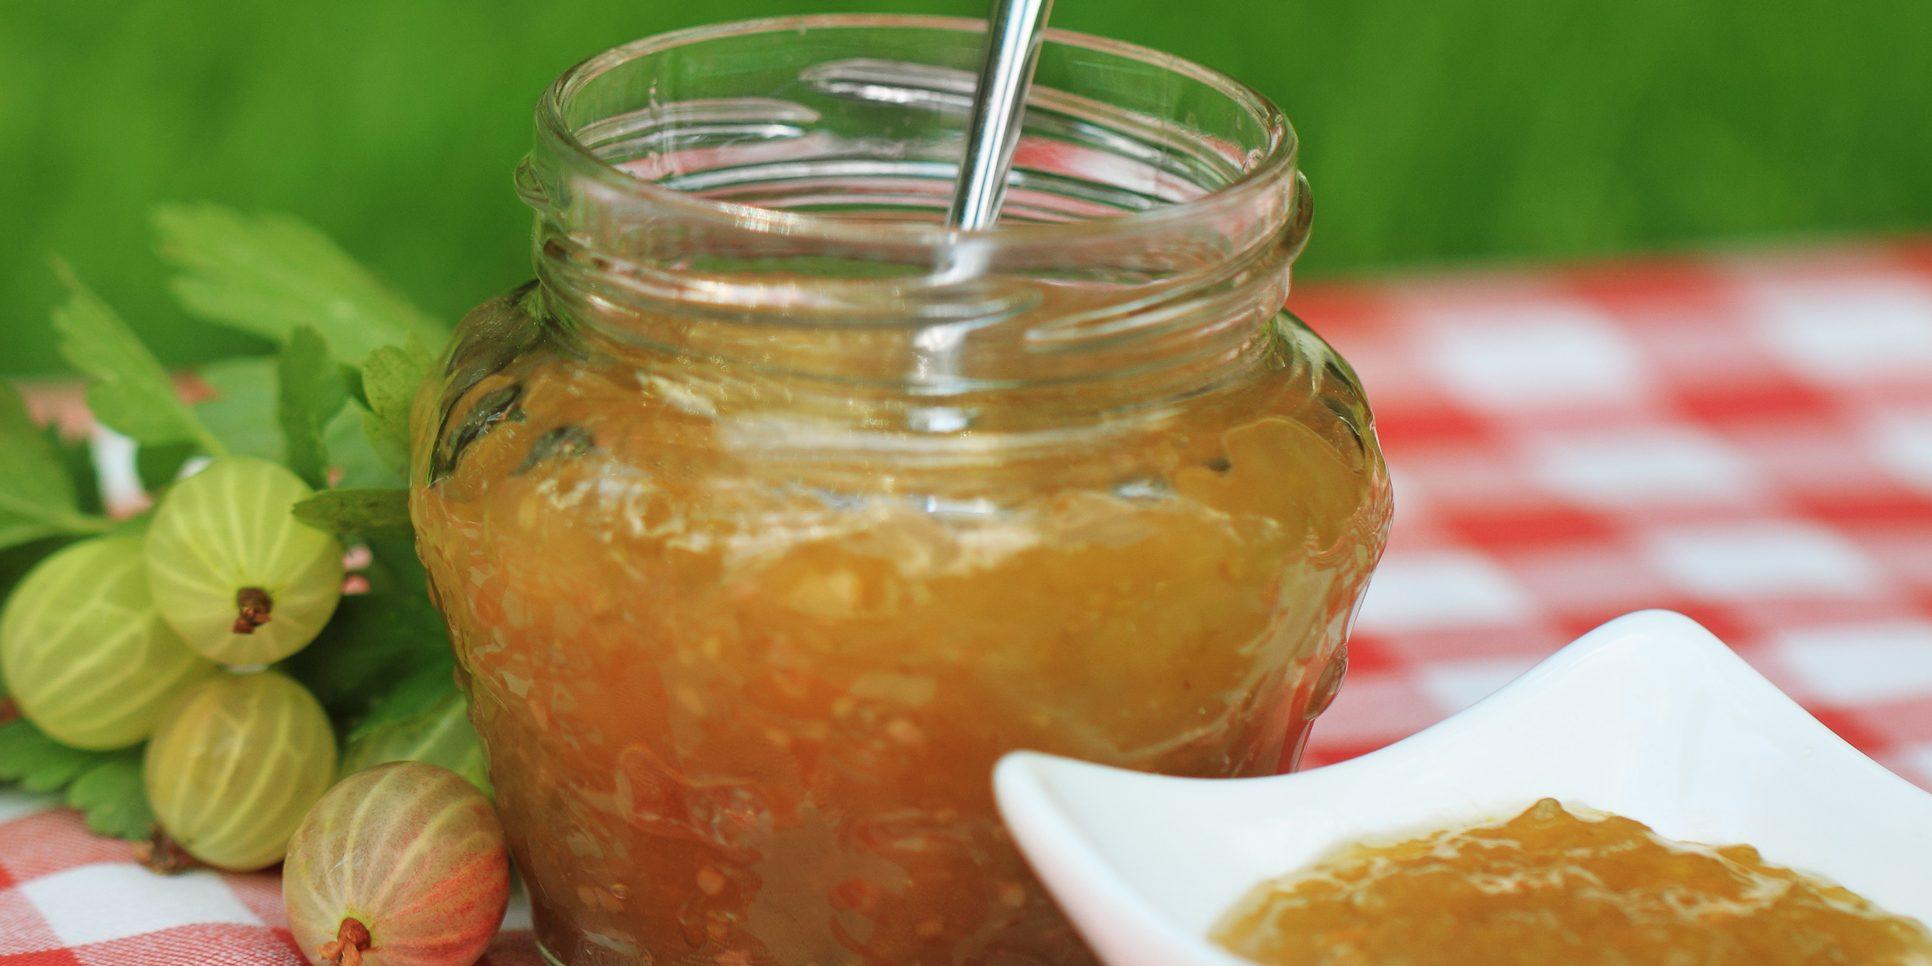 Вкусные заготовки из крыжовника- лучшие рецепты приготовления.